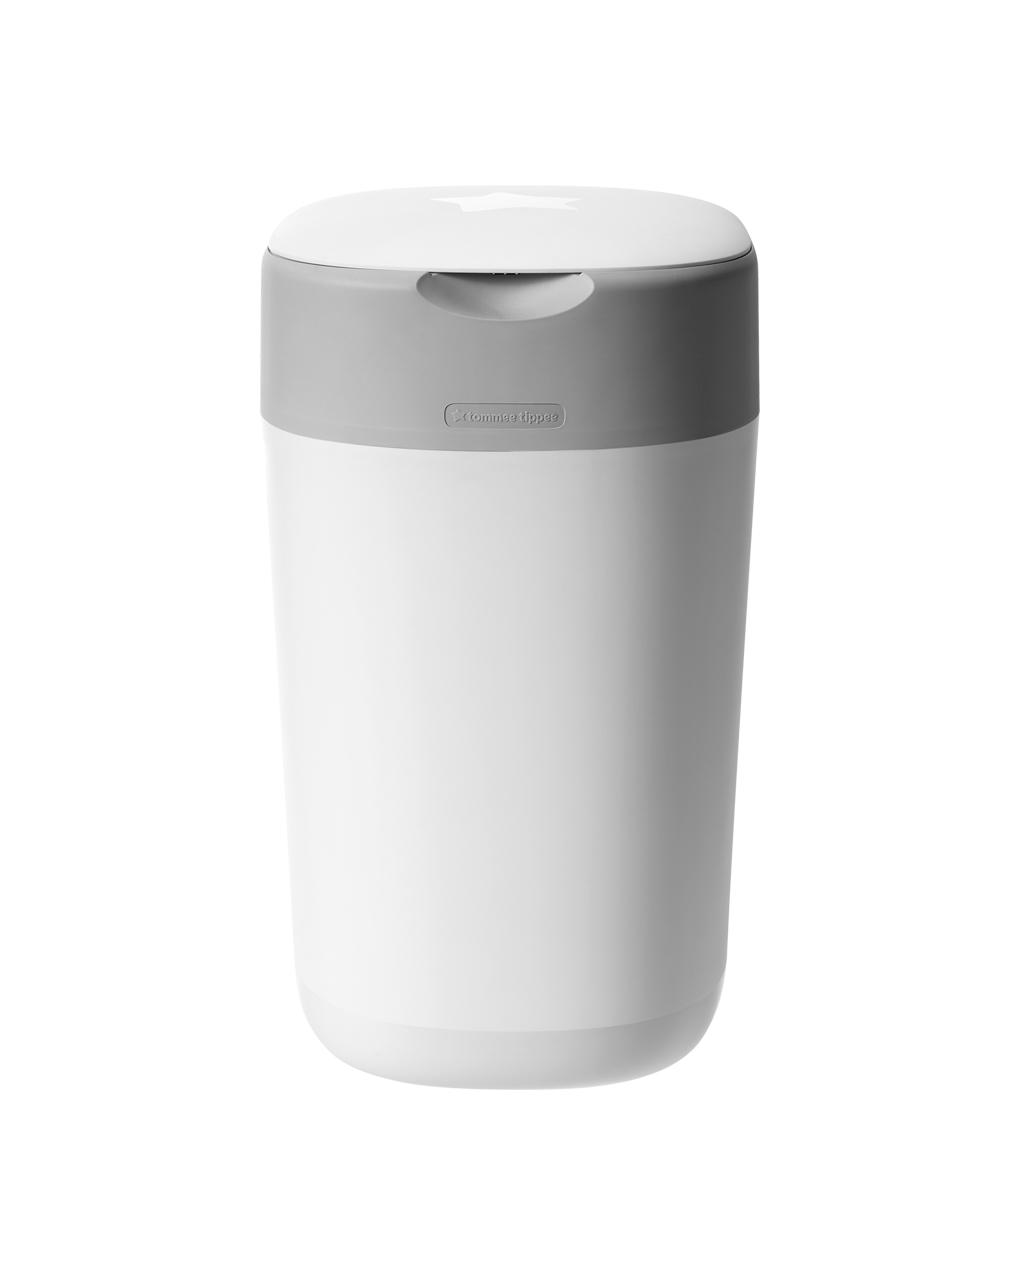 Girar e clicar no recipiente branco - Tommee Tippee